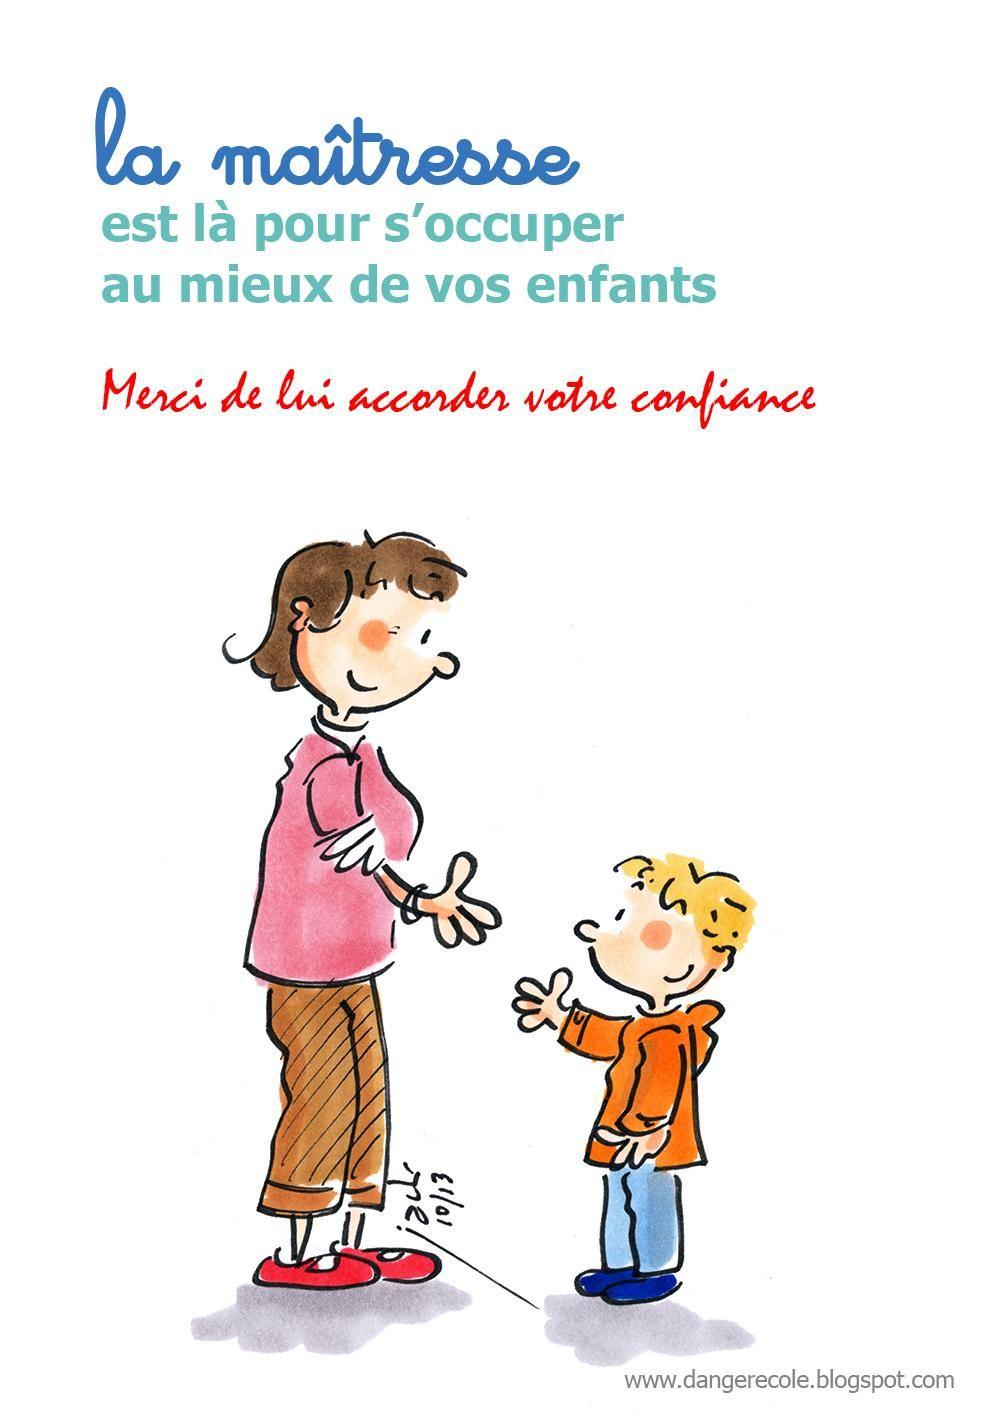 Faites confiance la maitresse de votre enfant par dangerecole rentr e des classes - Dessin maitresse ecole ...